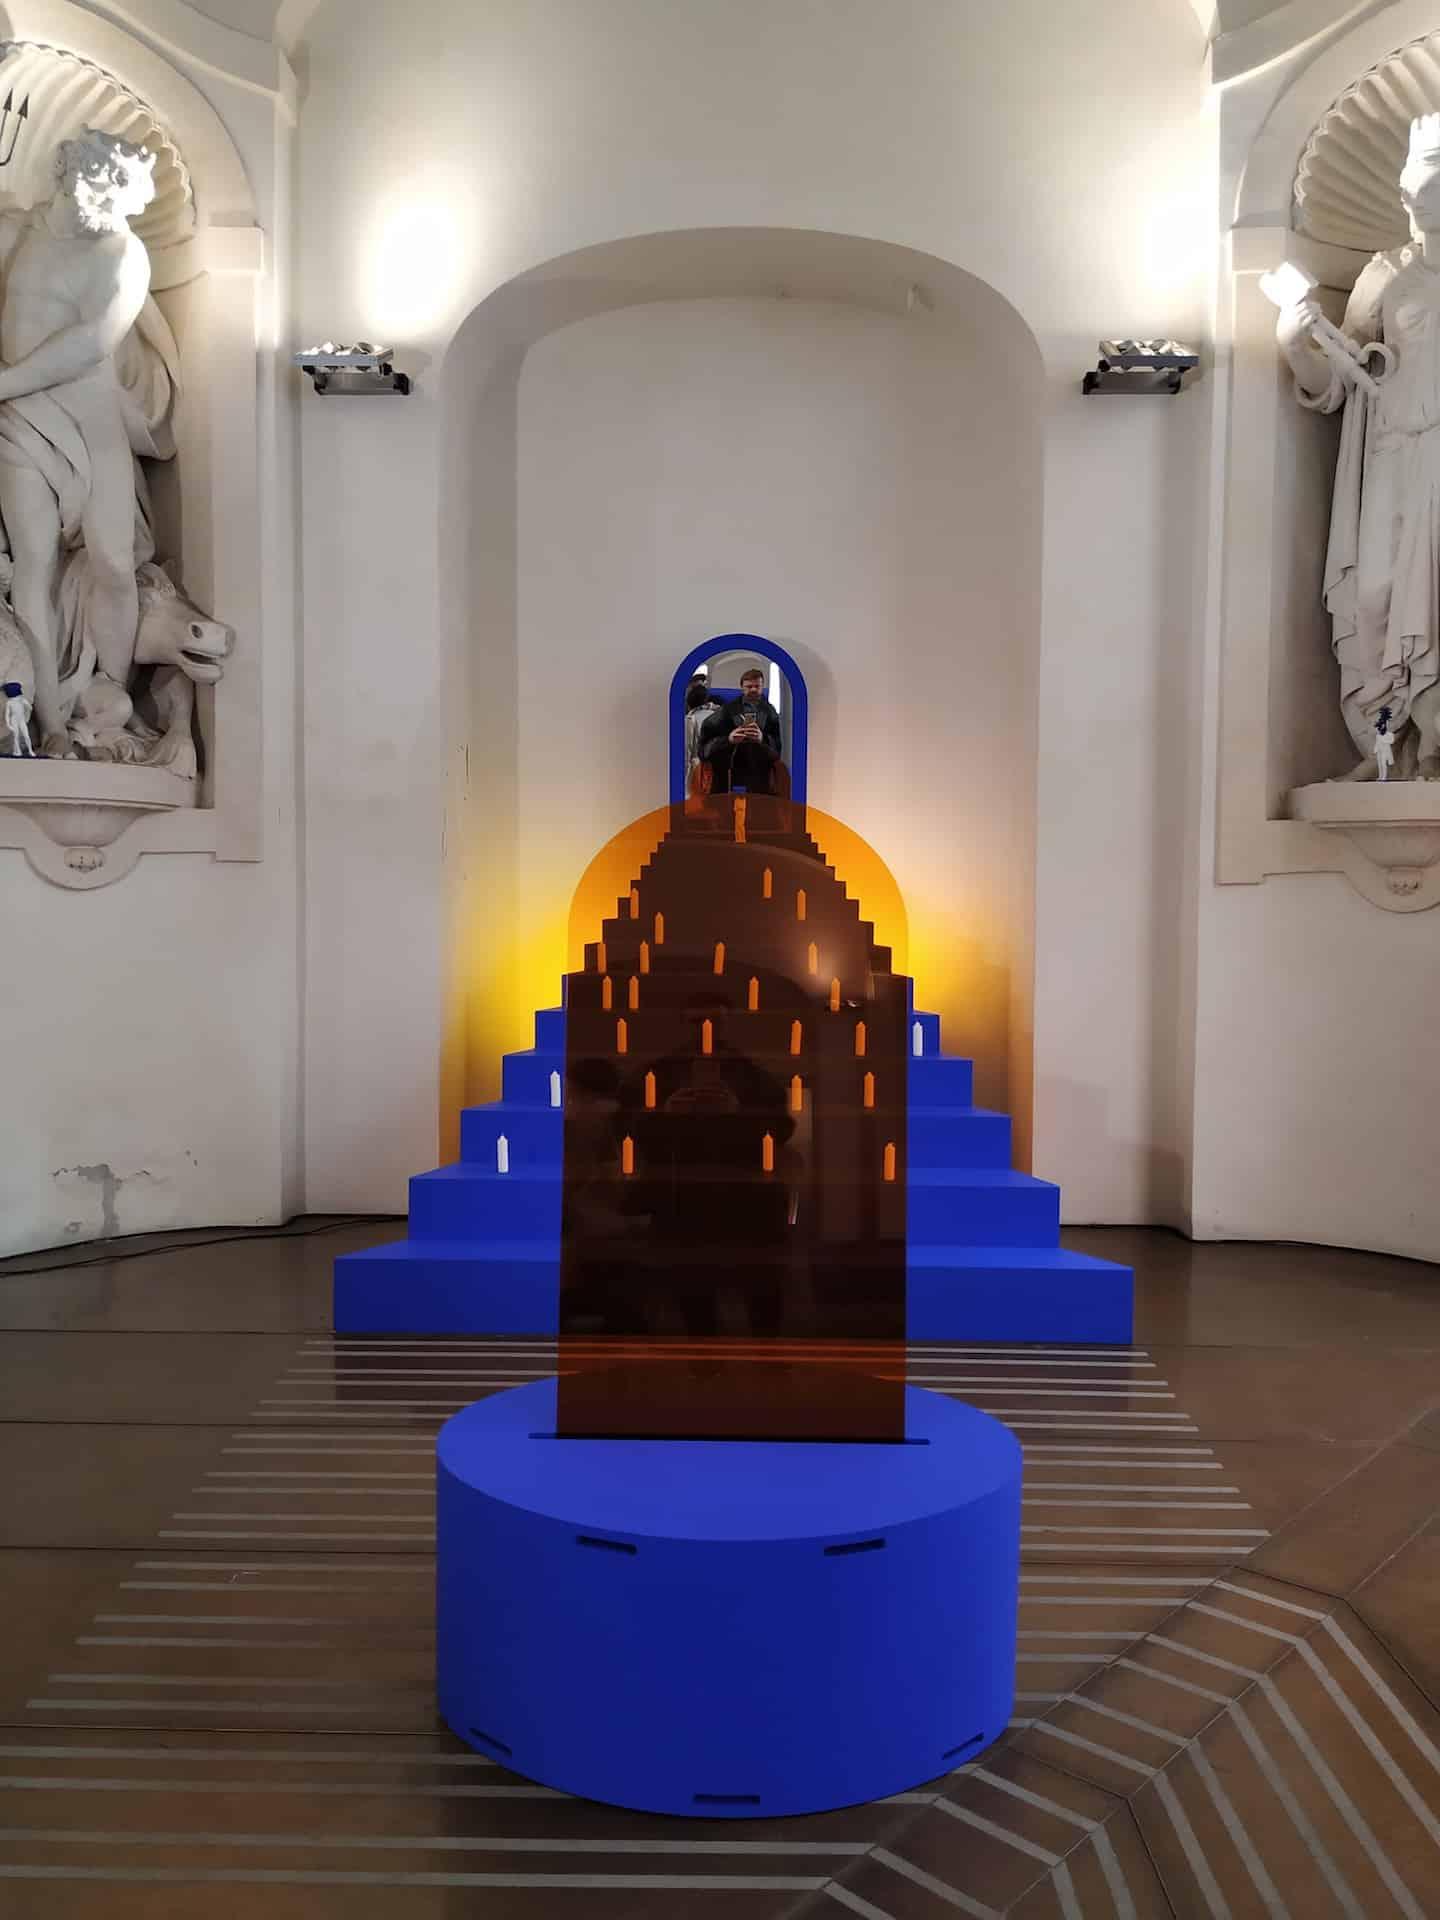 TEATRO DEL GORNO by Parisian ECOLE CAMONDO at Milan design week